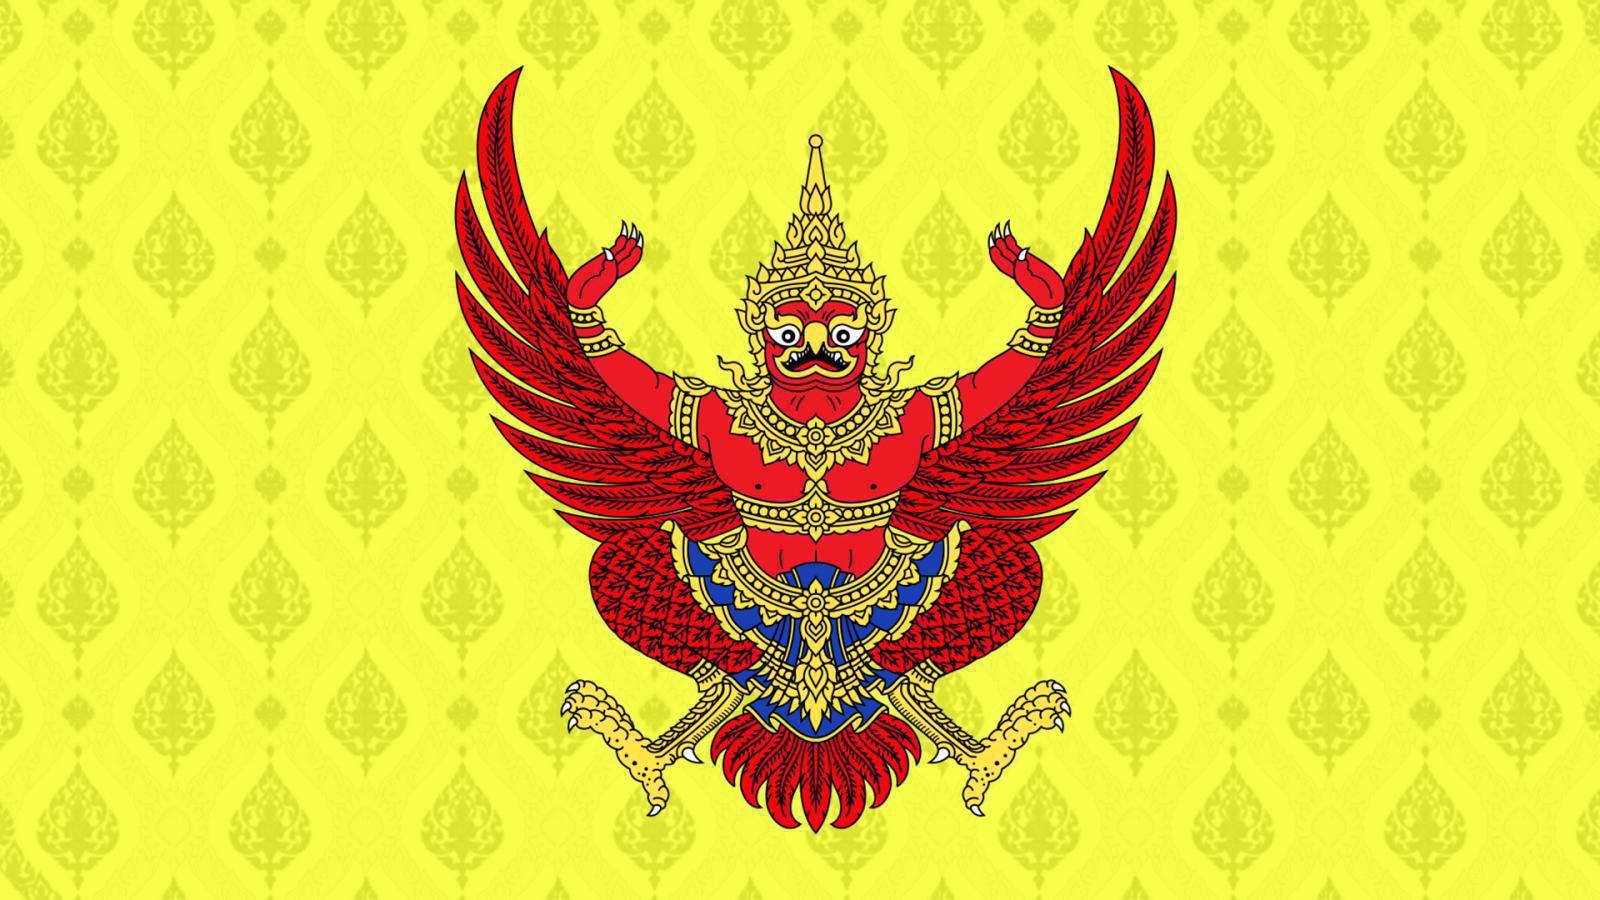 โปรดเกล้าฯพระราชทานยศ พ.ต.หญิง คุณหญิงมนัสสิยา - พ.ต.หญิง คุณหญิงชยุตรา และ 39 นายทหาร